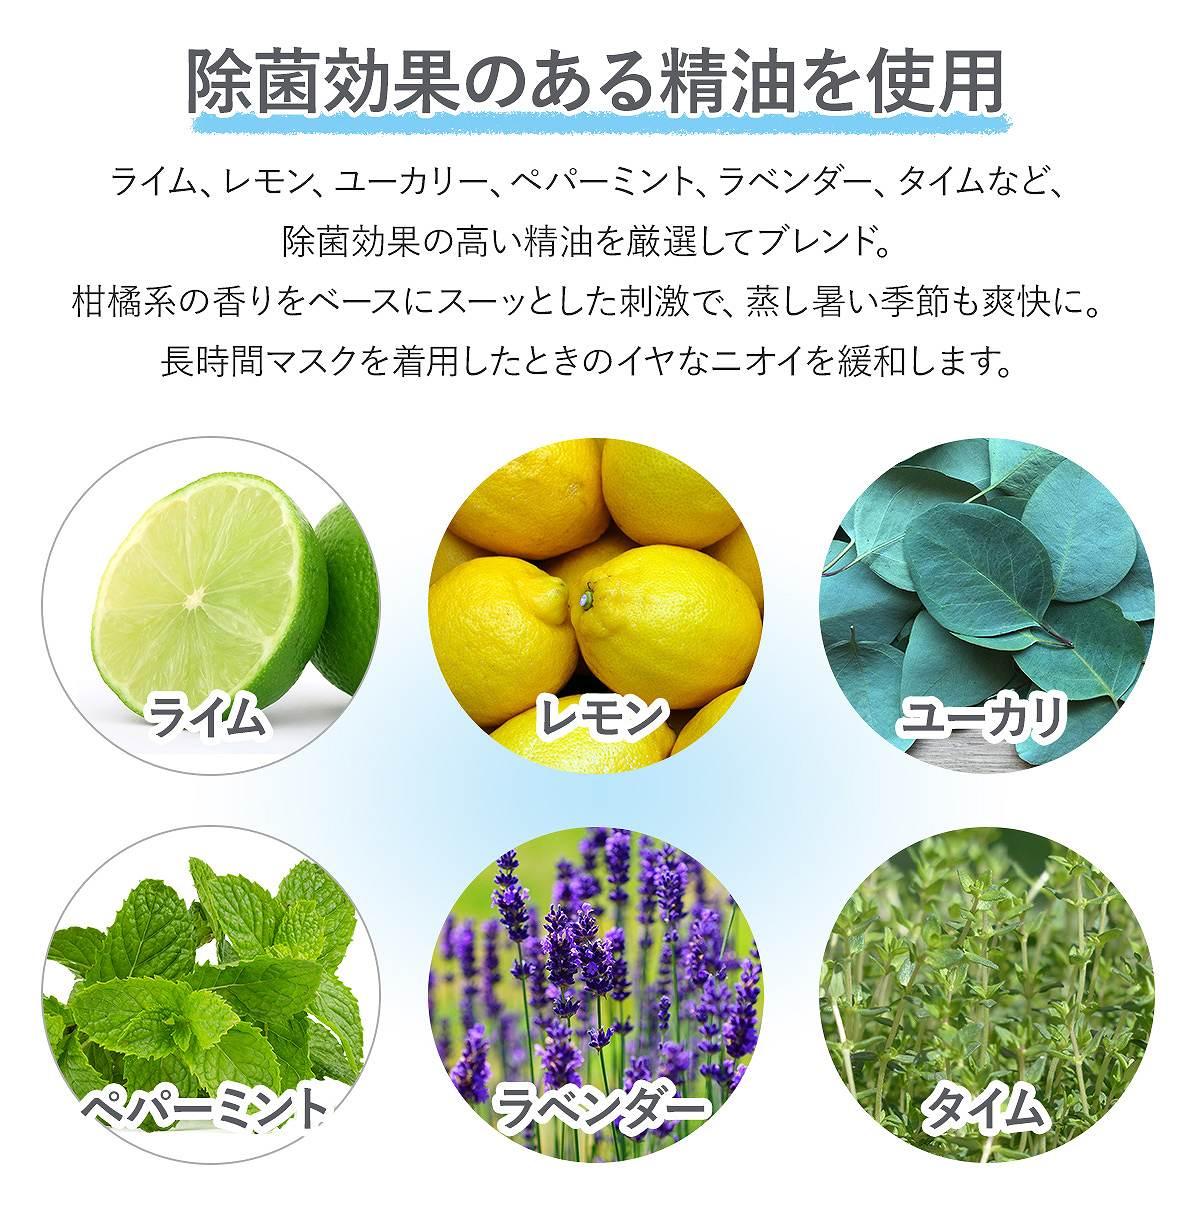 除菌効果のある精油を使用